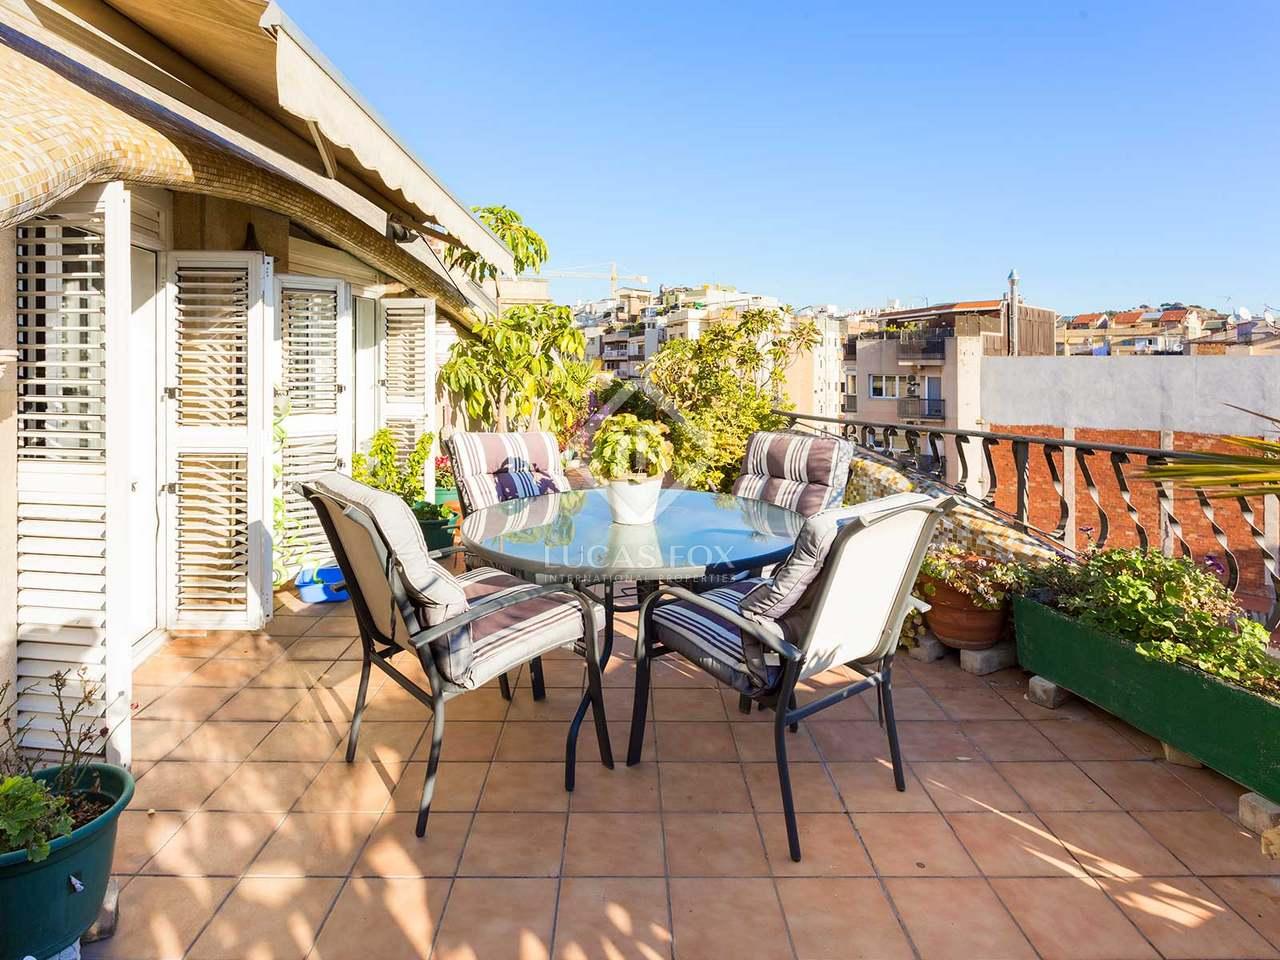 Tico de 4 dormitorios en venta en sant gervasi barcelona - Atico terraza barcelona ...